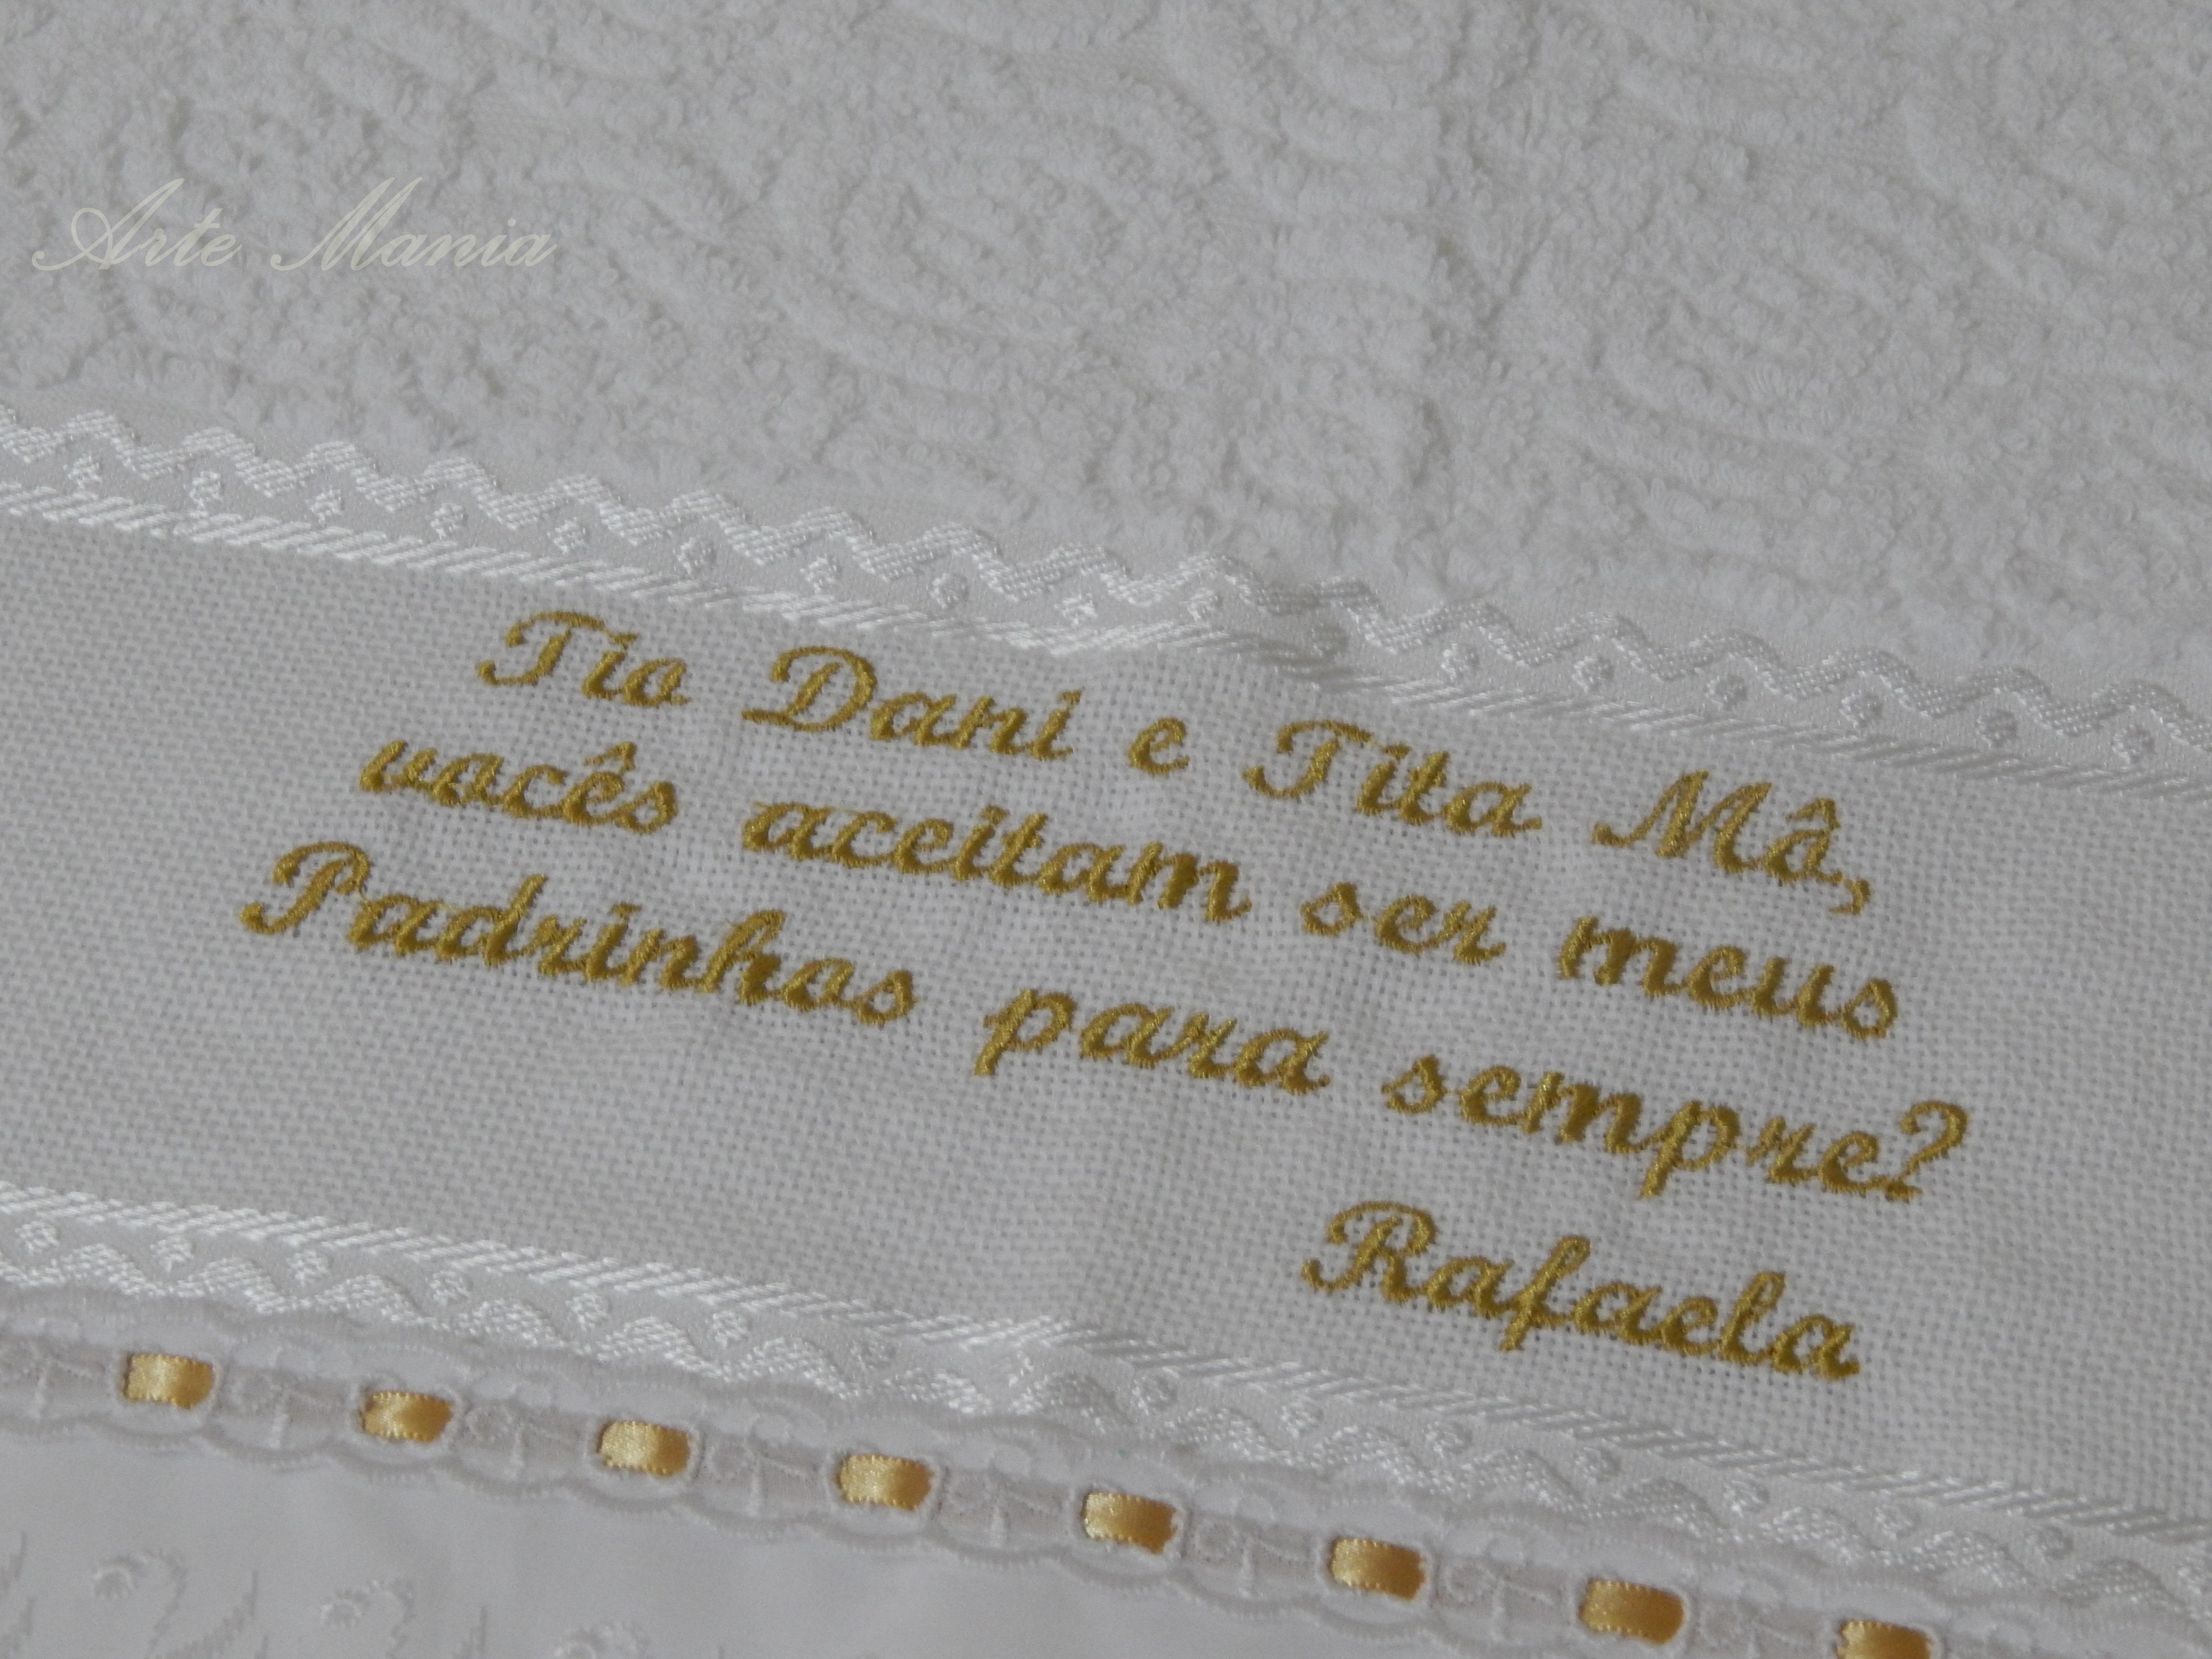 Toalha Convite Padrinhos De Batismo No Elo7 Arte Mania 568a3d